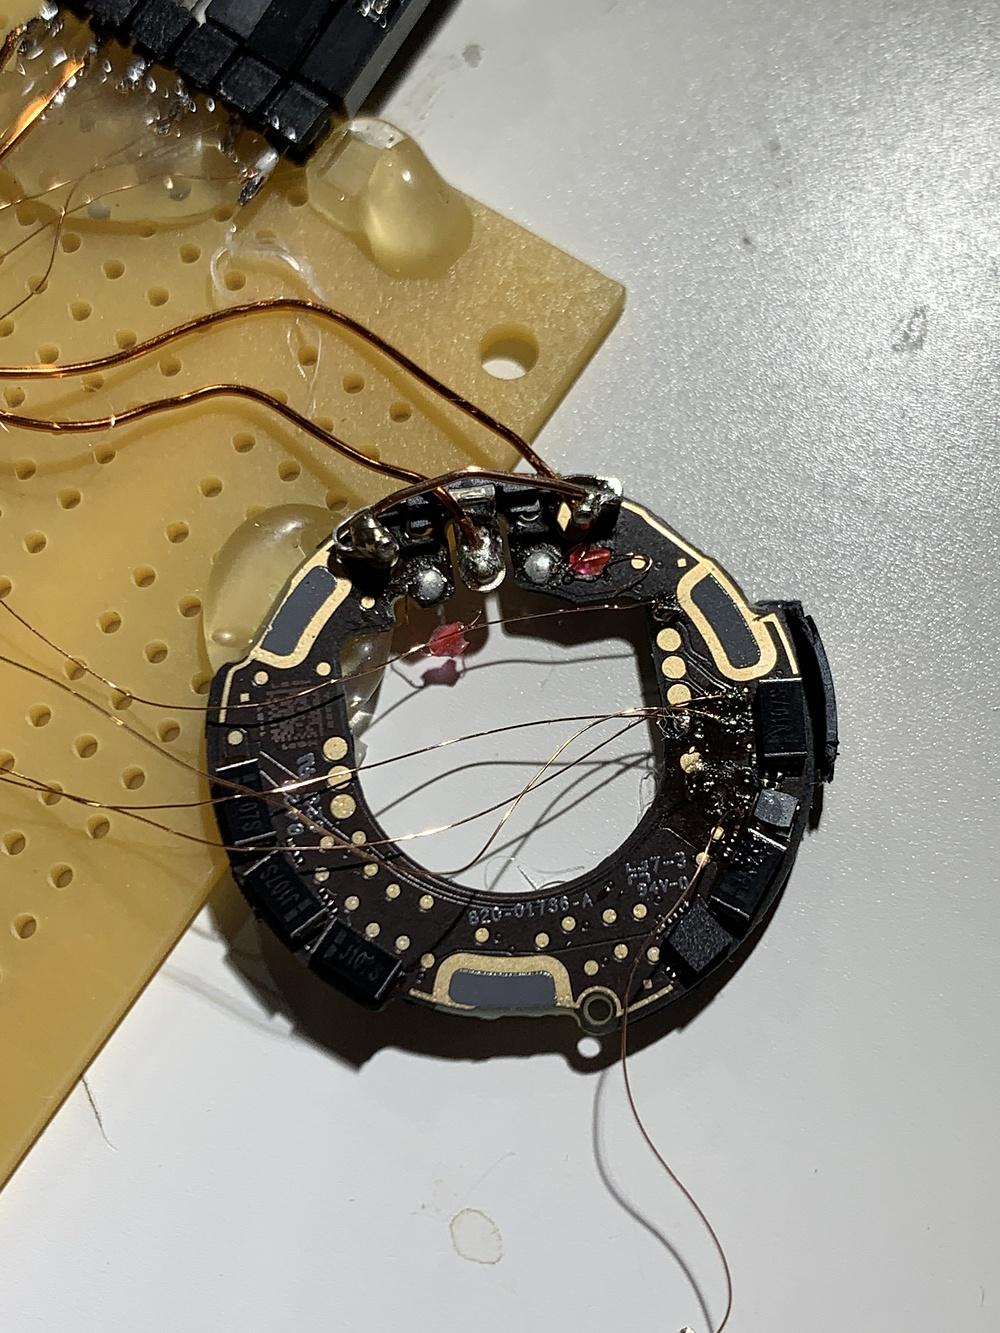 Một công đoạn trong việc xâm nhập vào vi điều khiển AirTag, được Thomas Roth công bố.